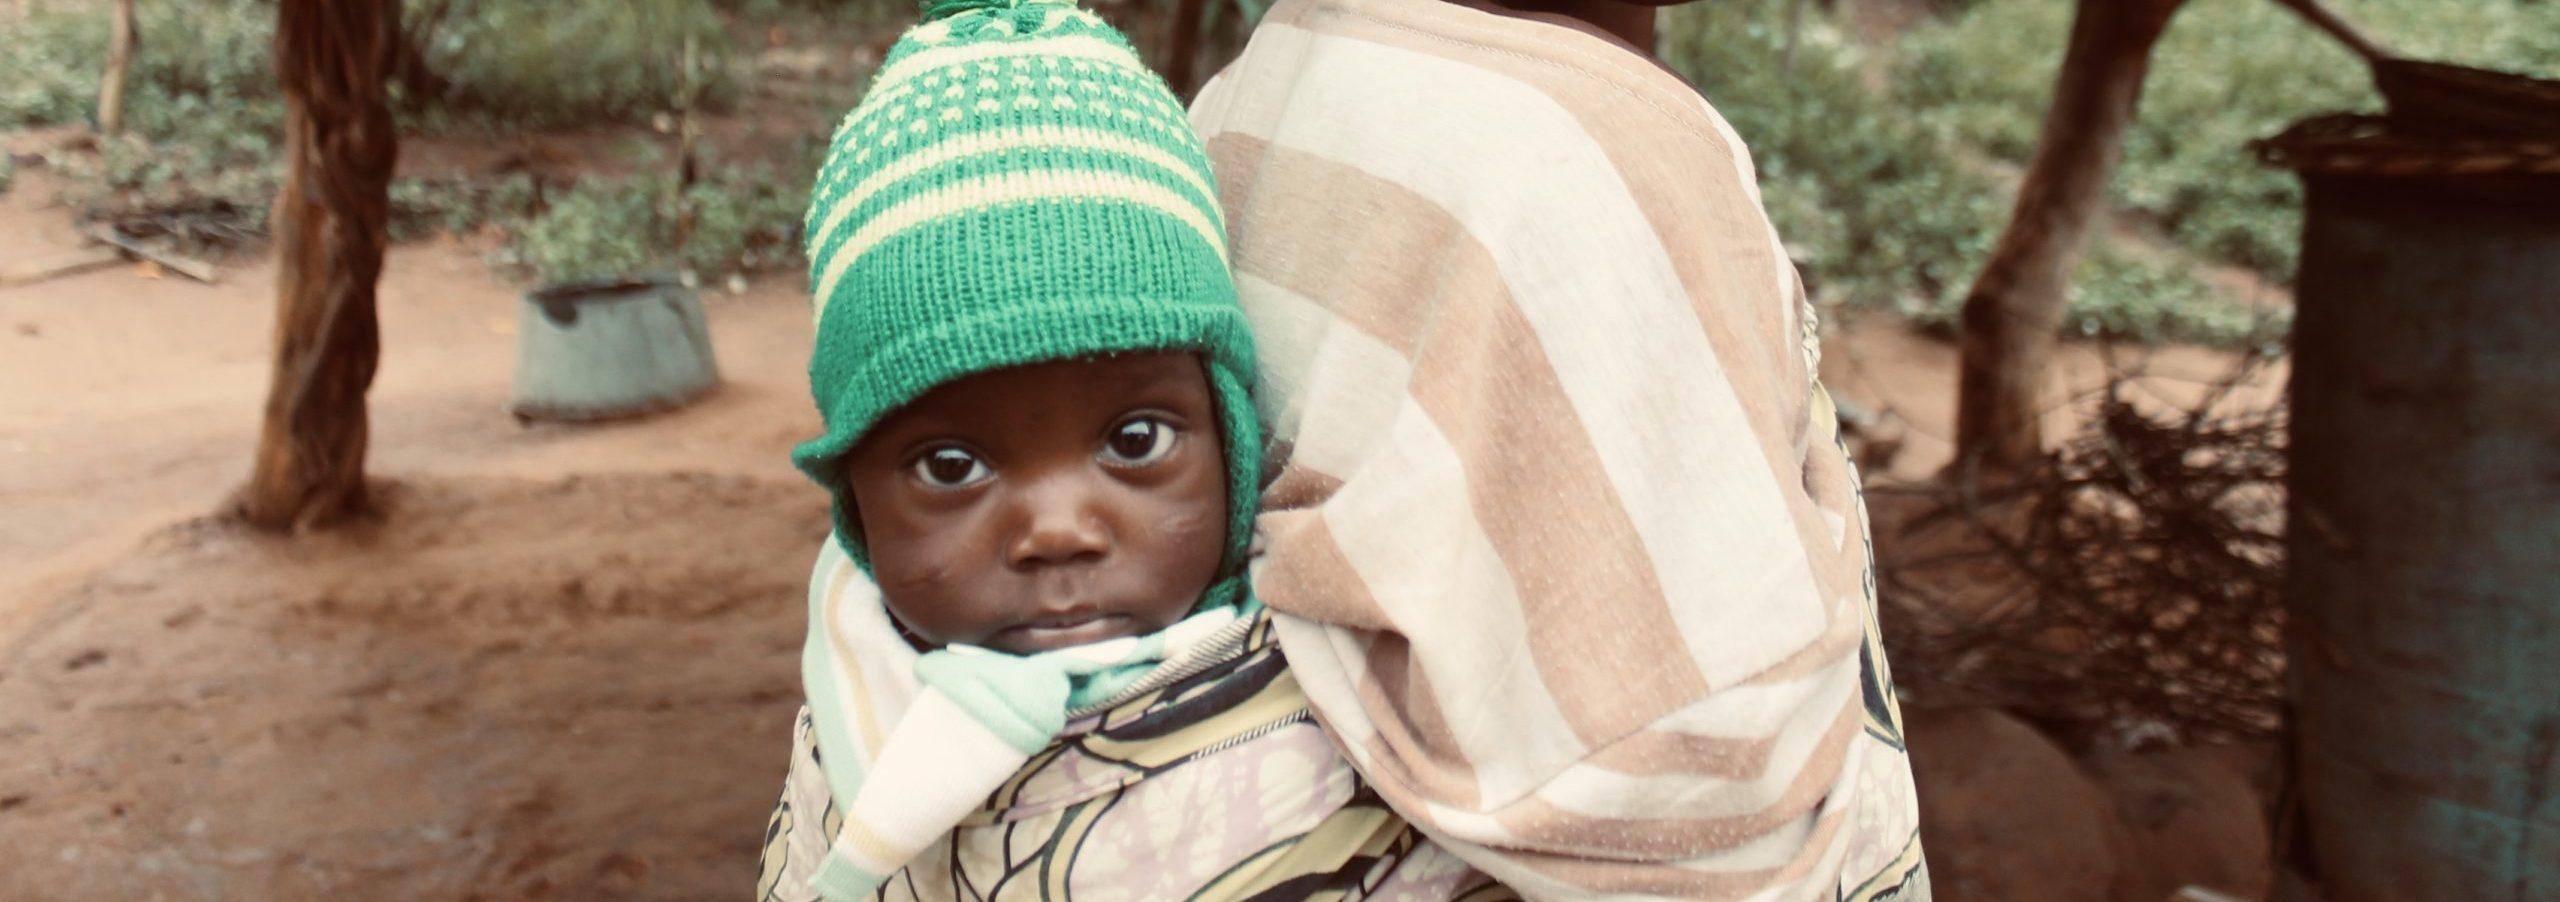 Parrainer un enfant : un geste de solidarité et de partage